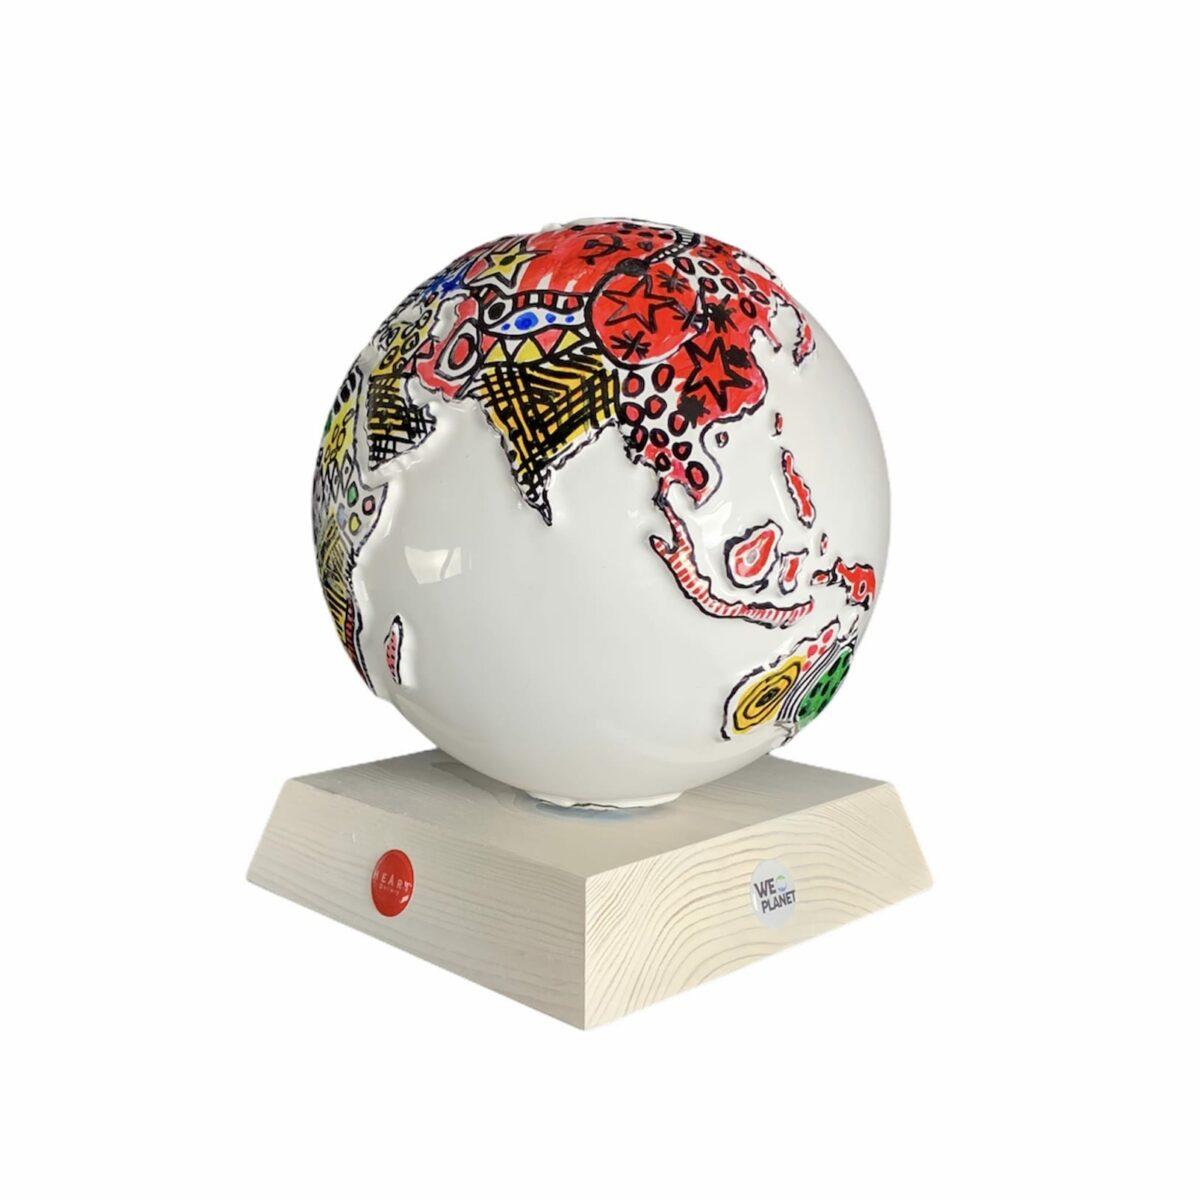 oggetto decorativo, mappamondo bianco decorato artisticamente